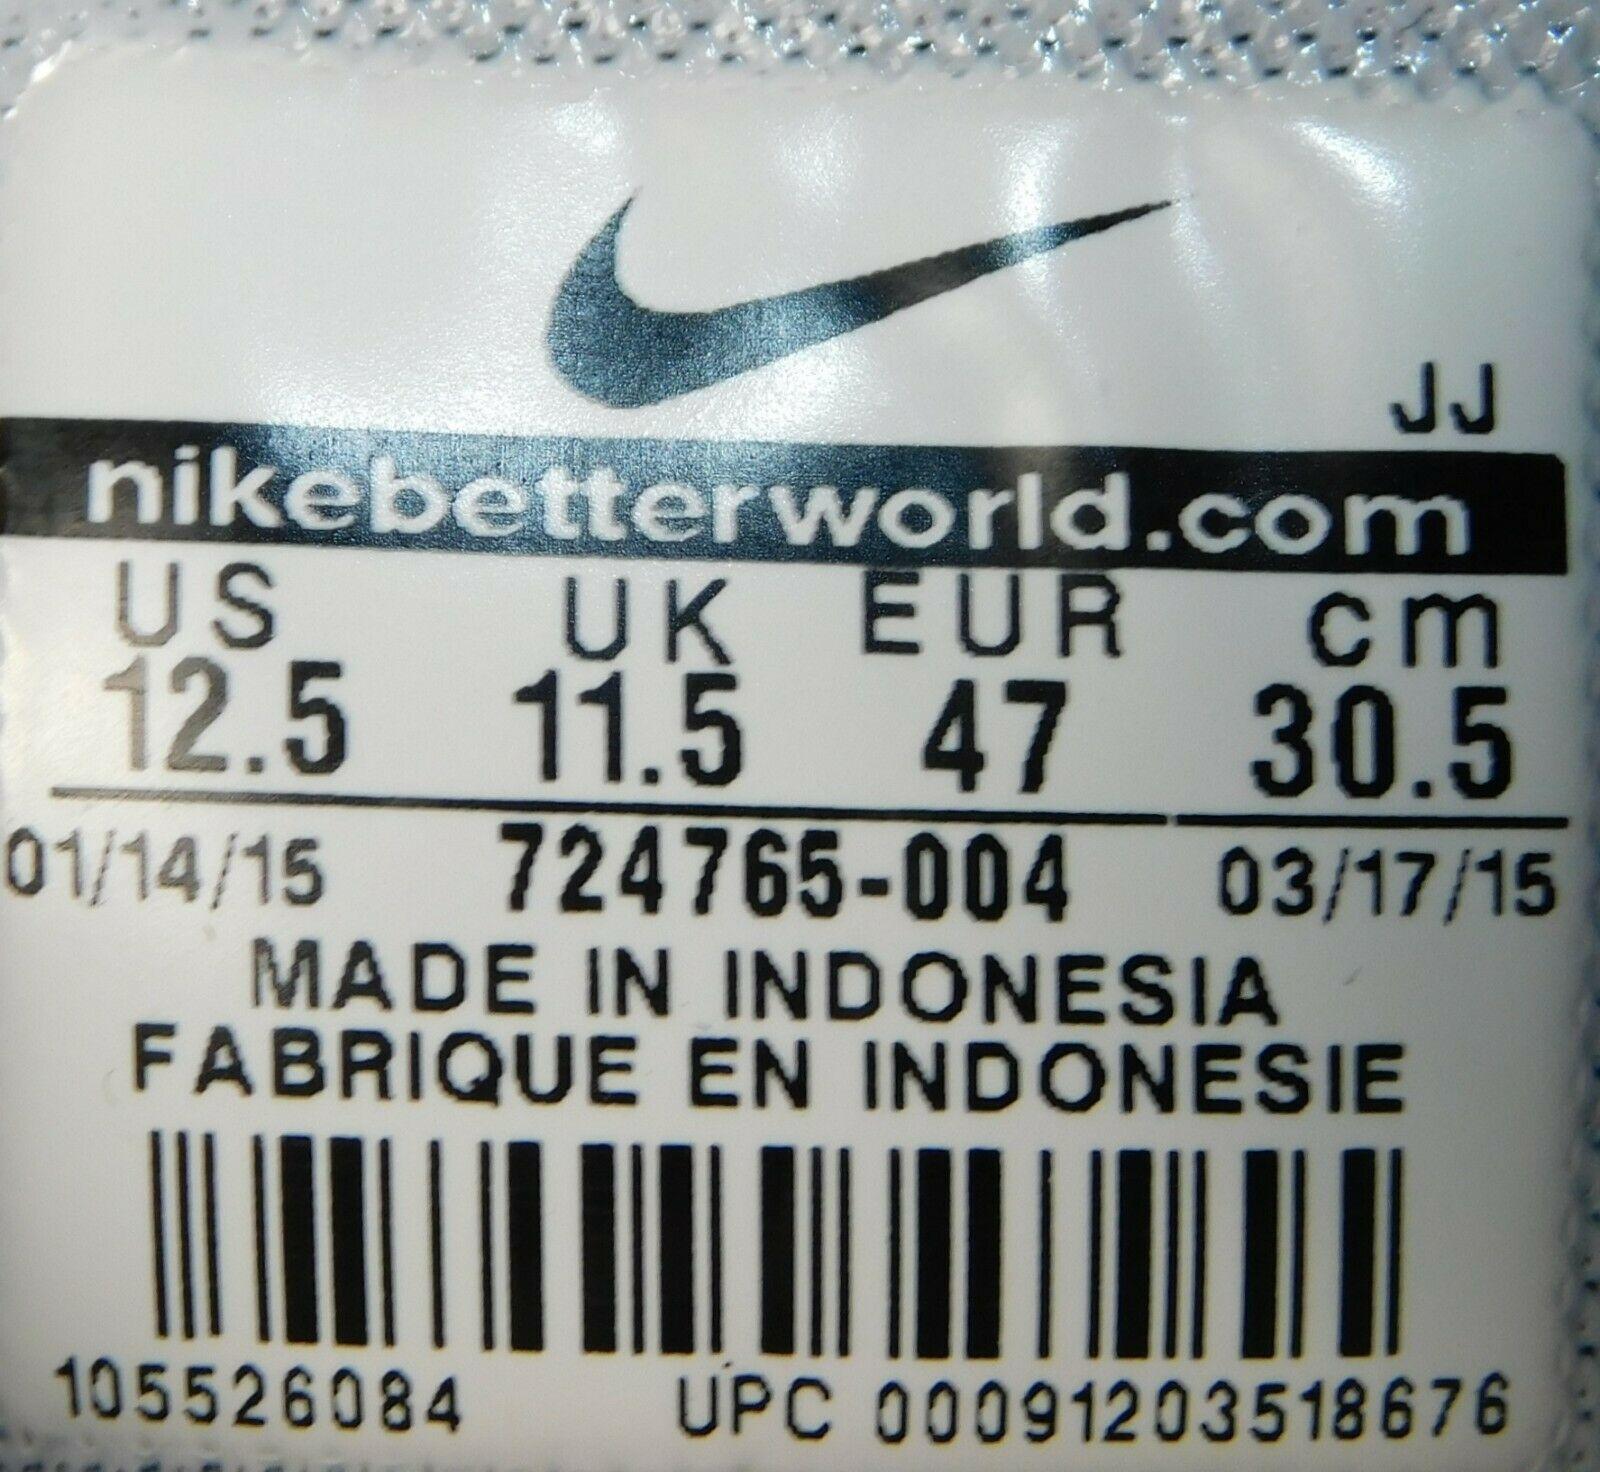 Nike Air Max Tavas SD Size US 12.5 M (D) EU 47 Men's Running Shoes 724765-004